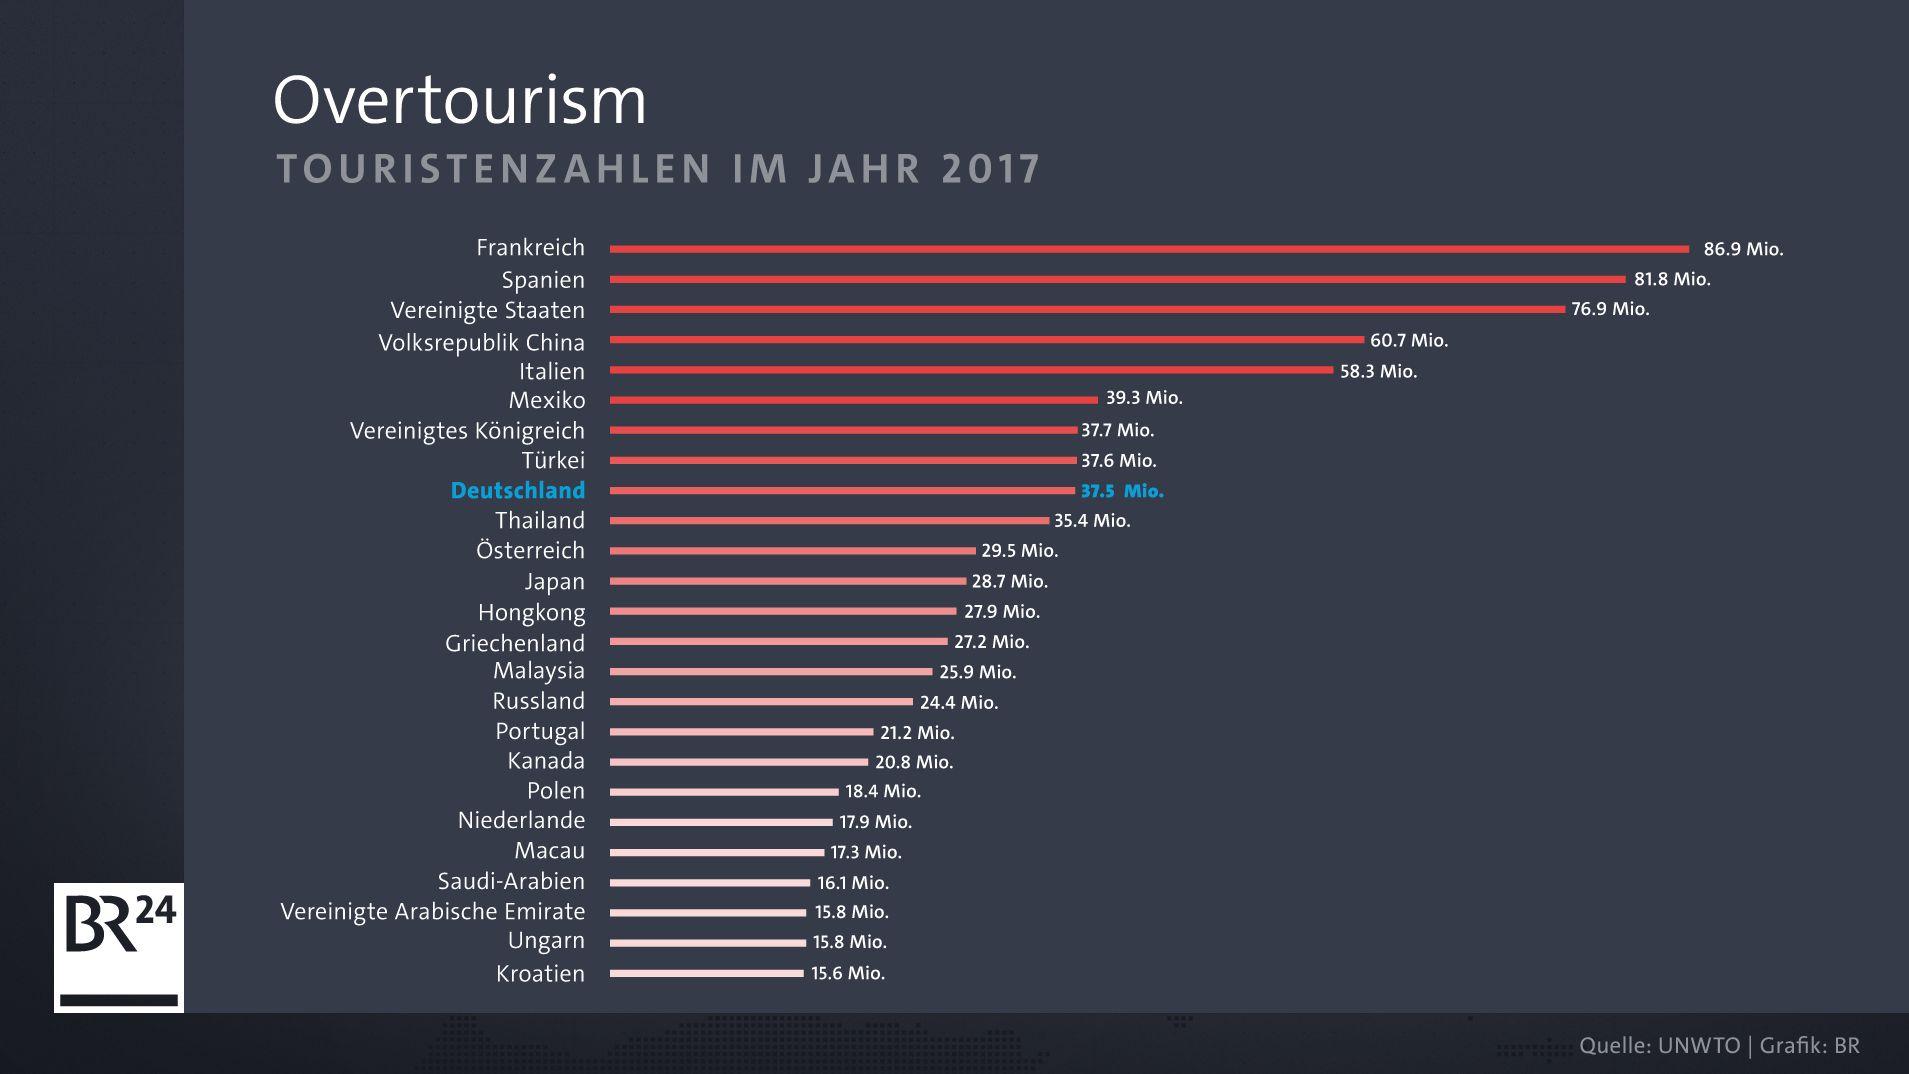 Touristenzahlen im Jahr 2017